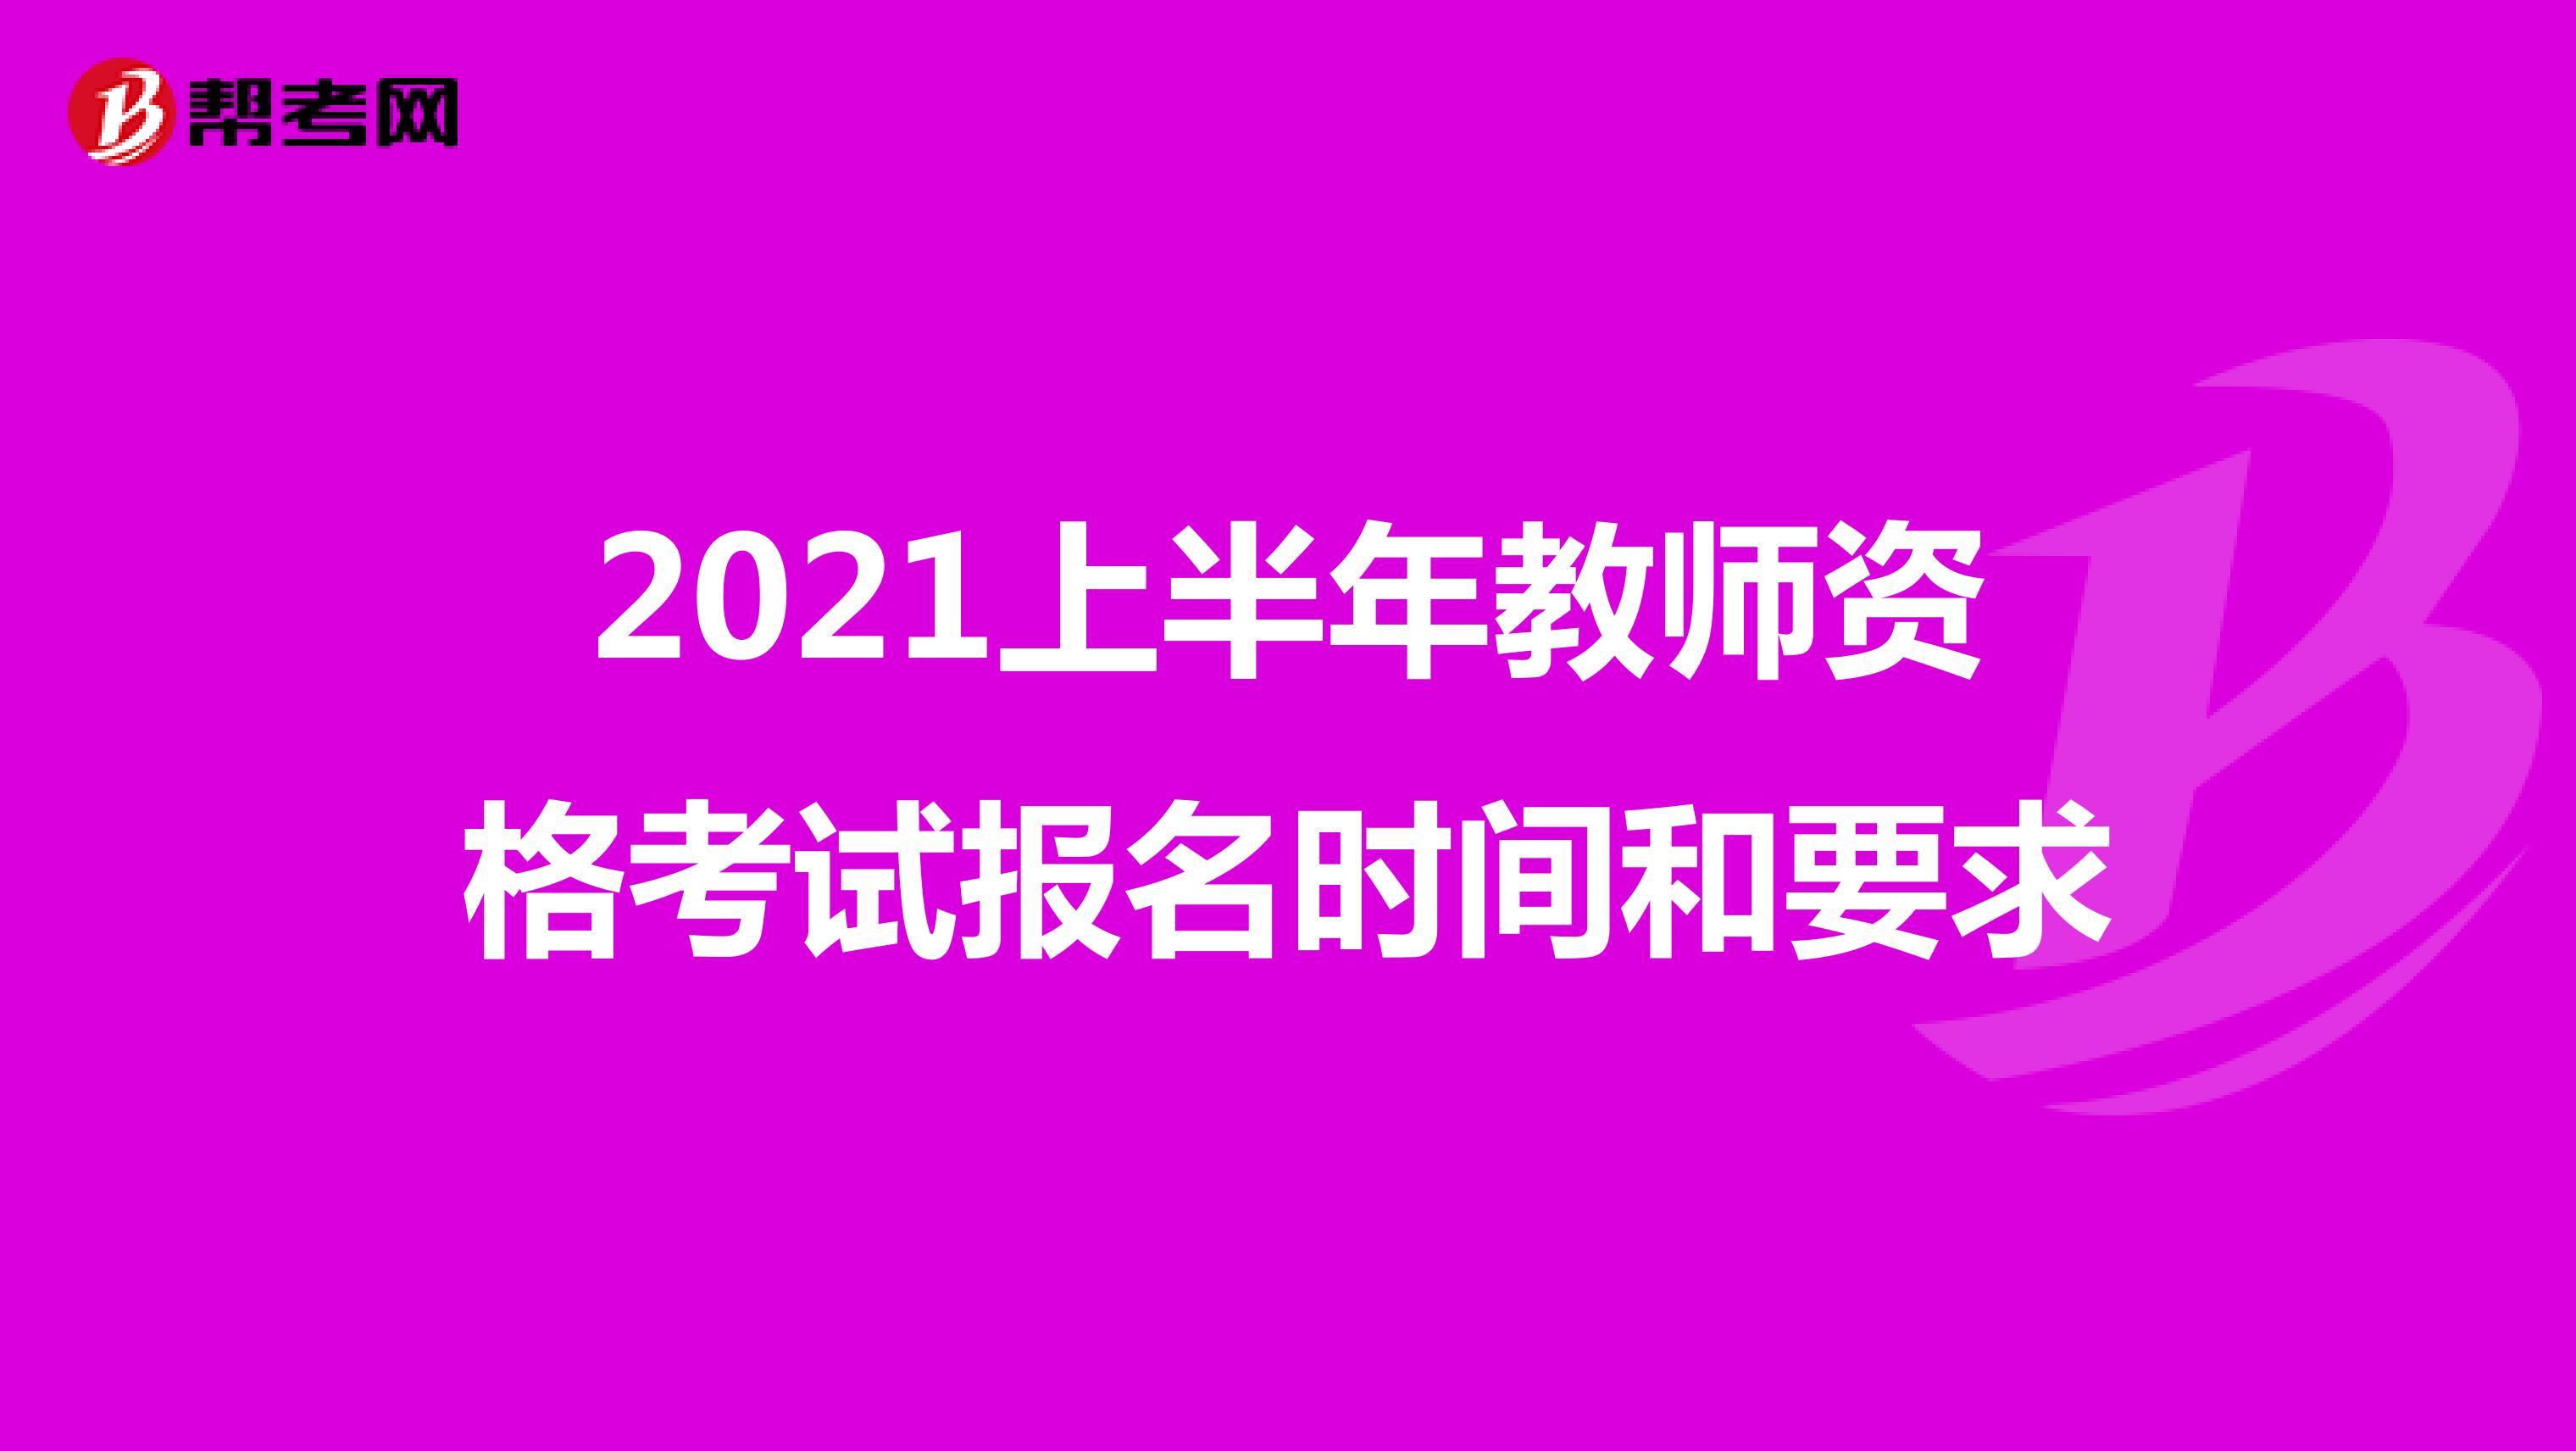 2021上半年教師資格考試報名時間和要求